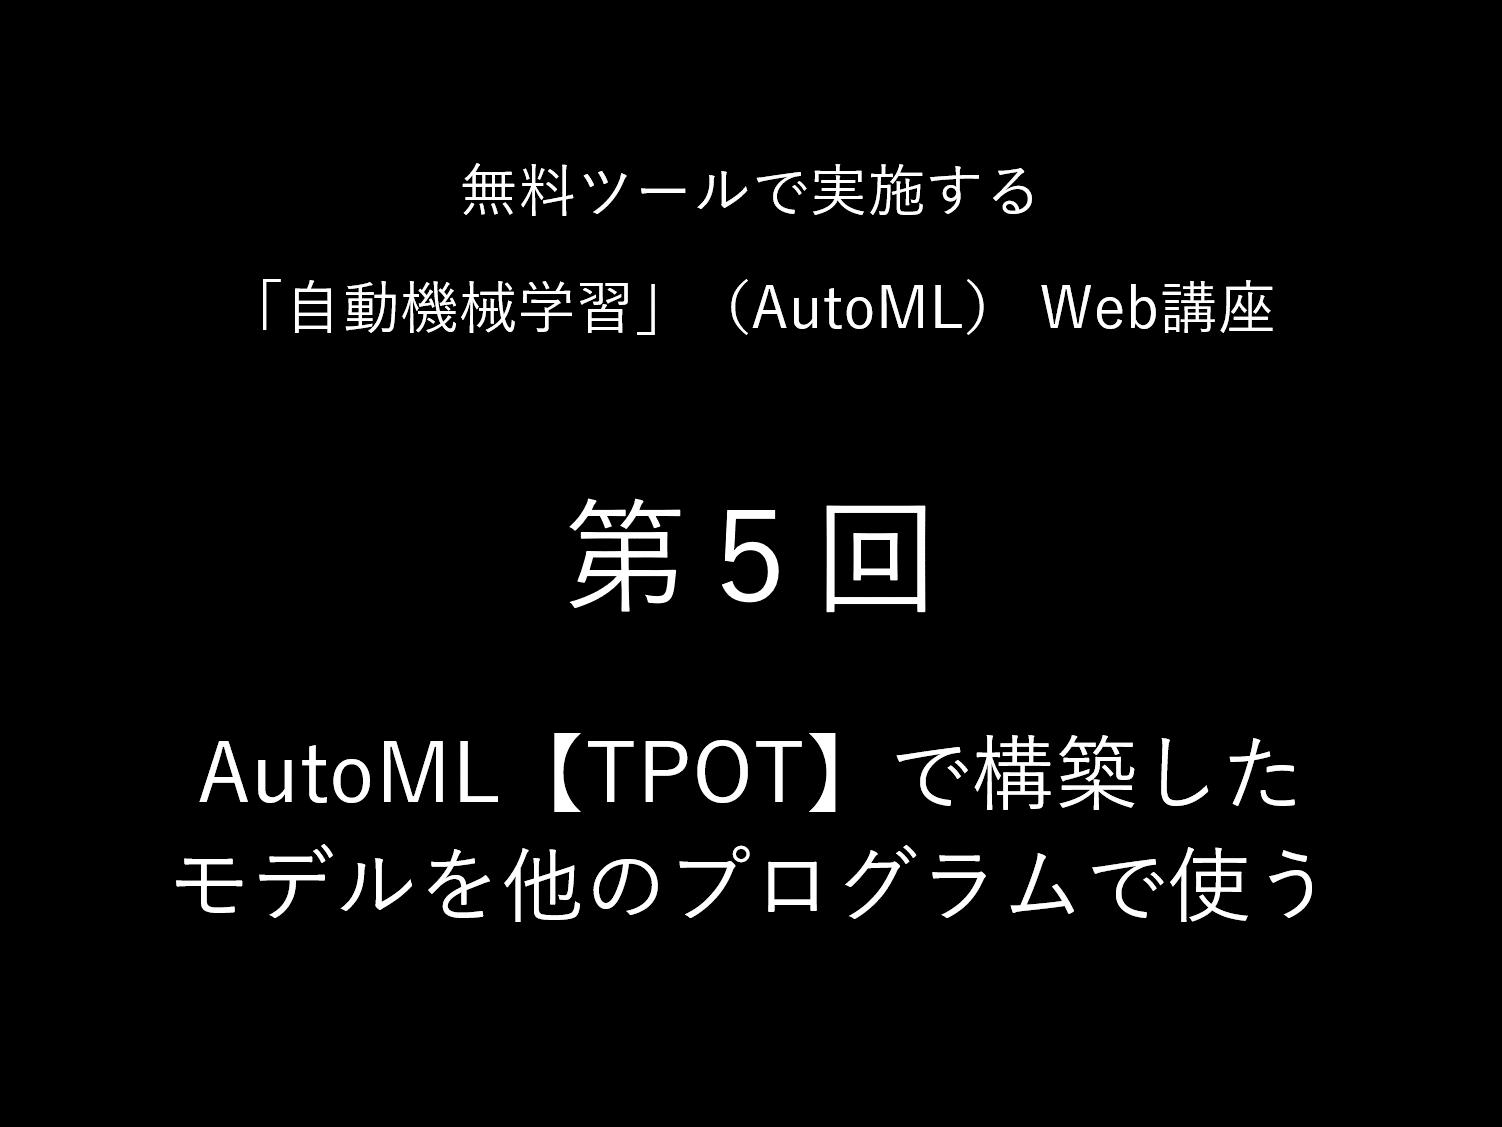 AutoML【TPOT】で構築したモデルを他のプログラムで使う